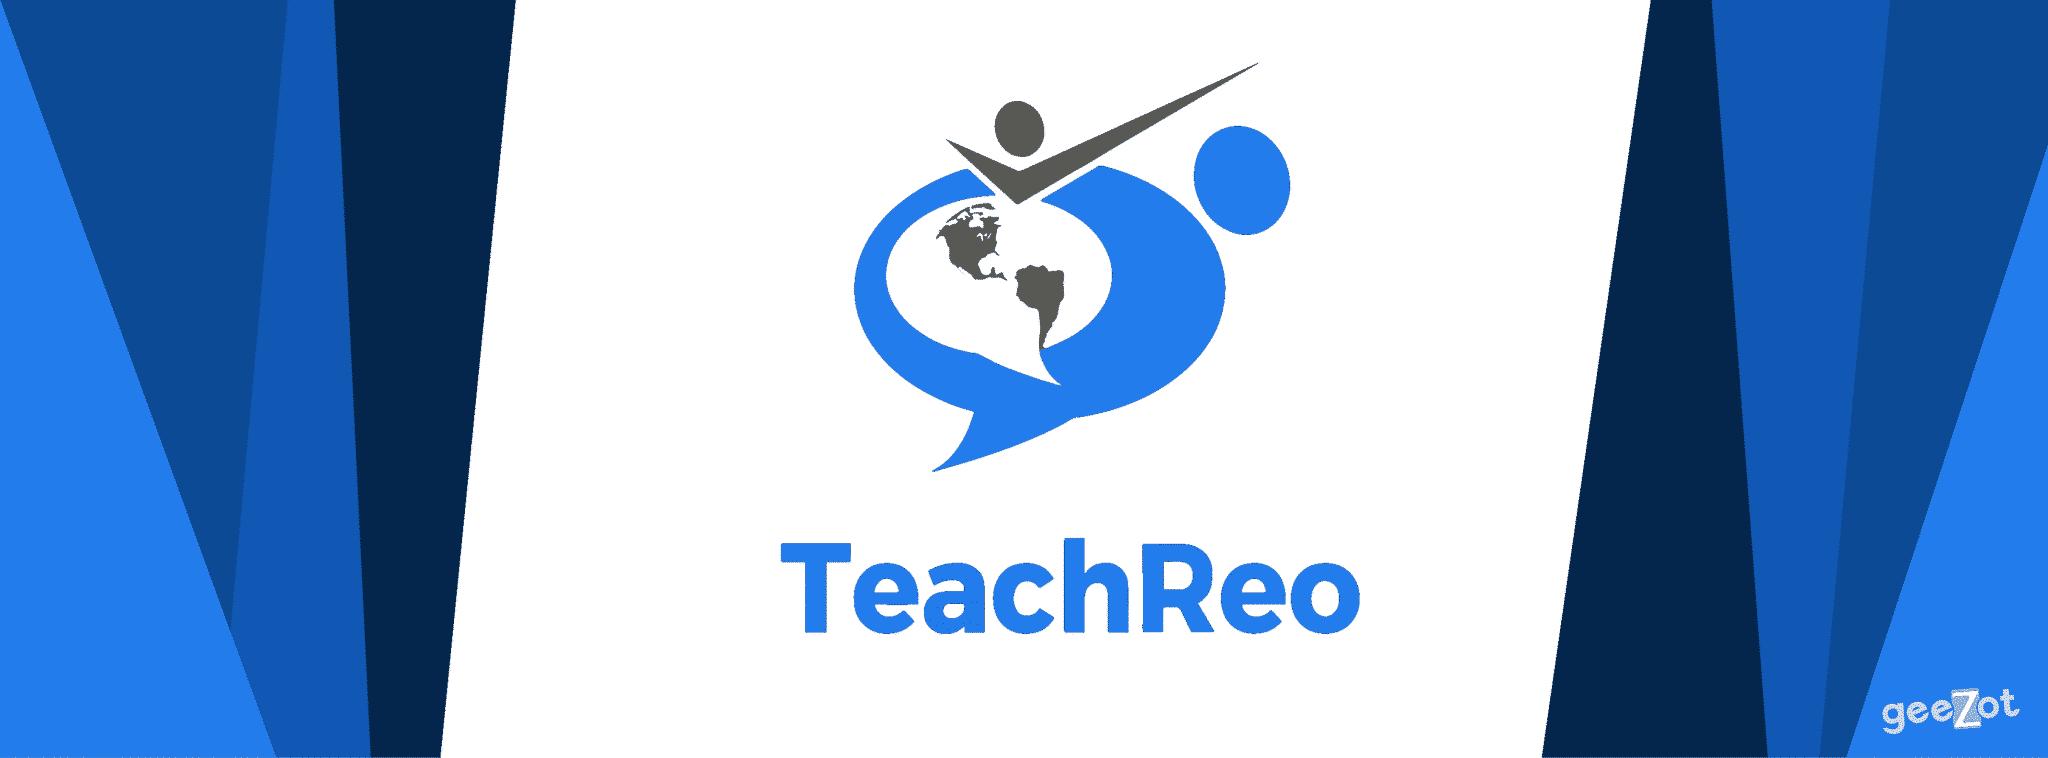 teachreo